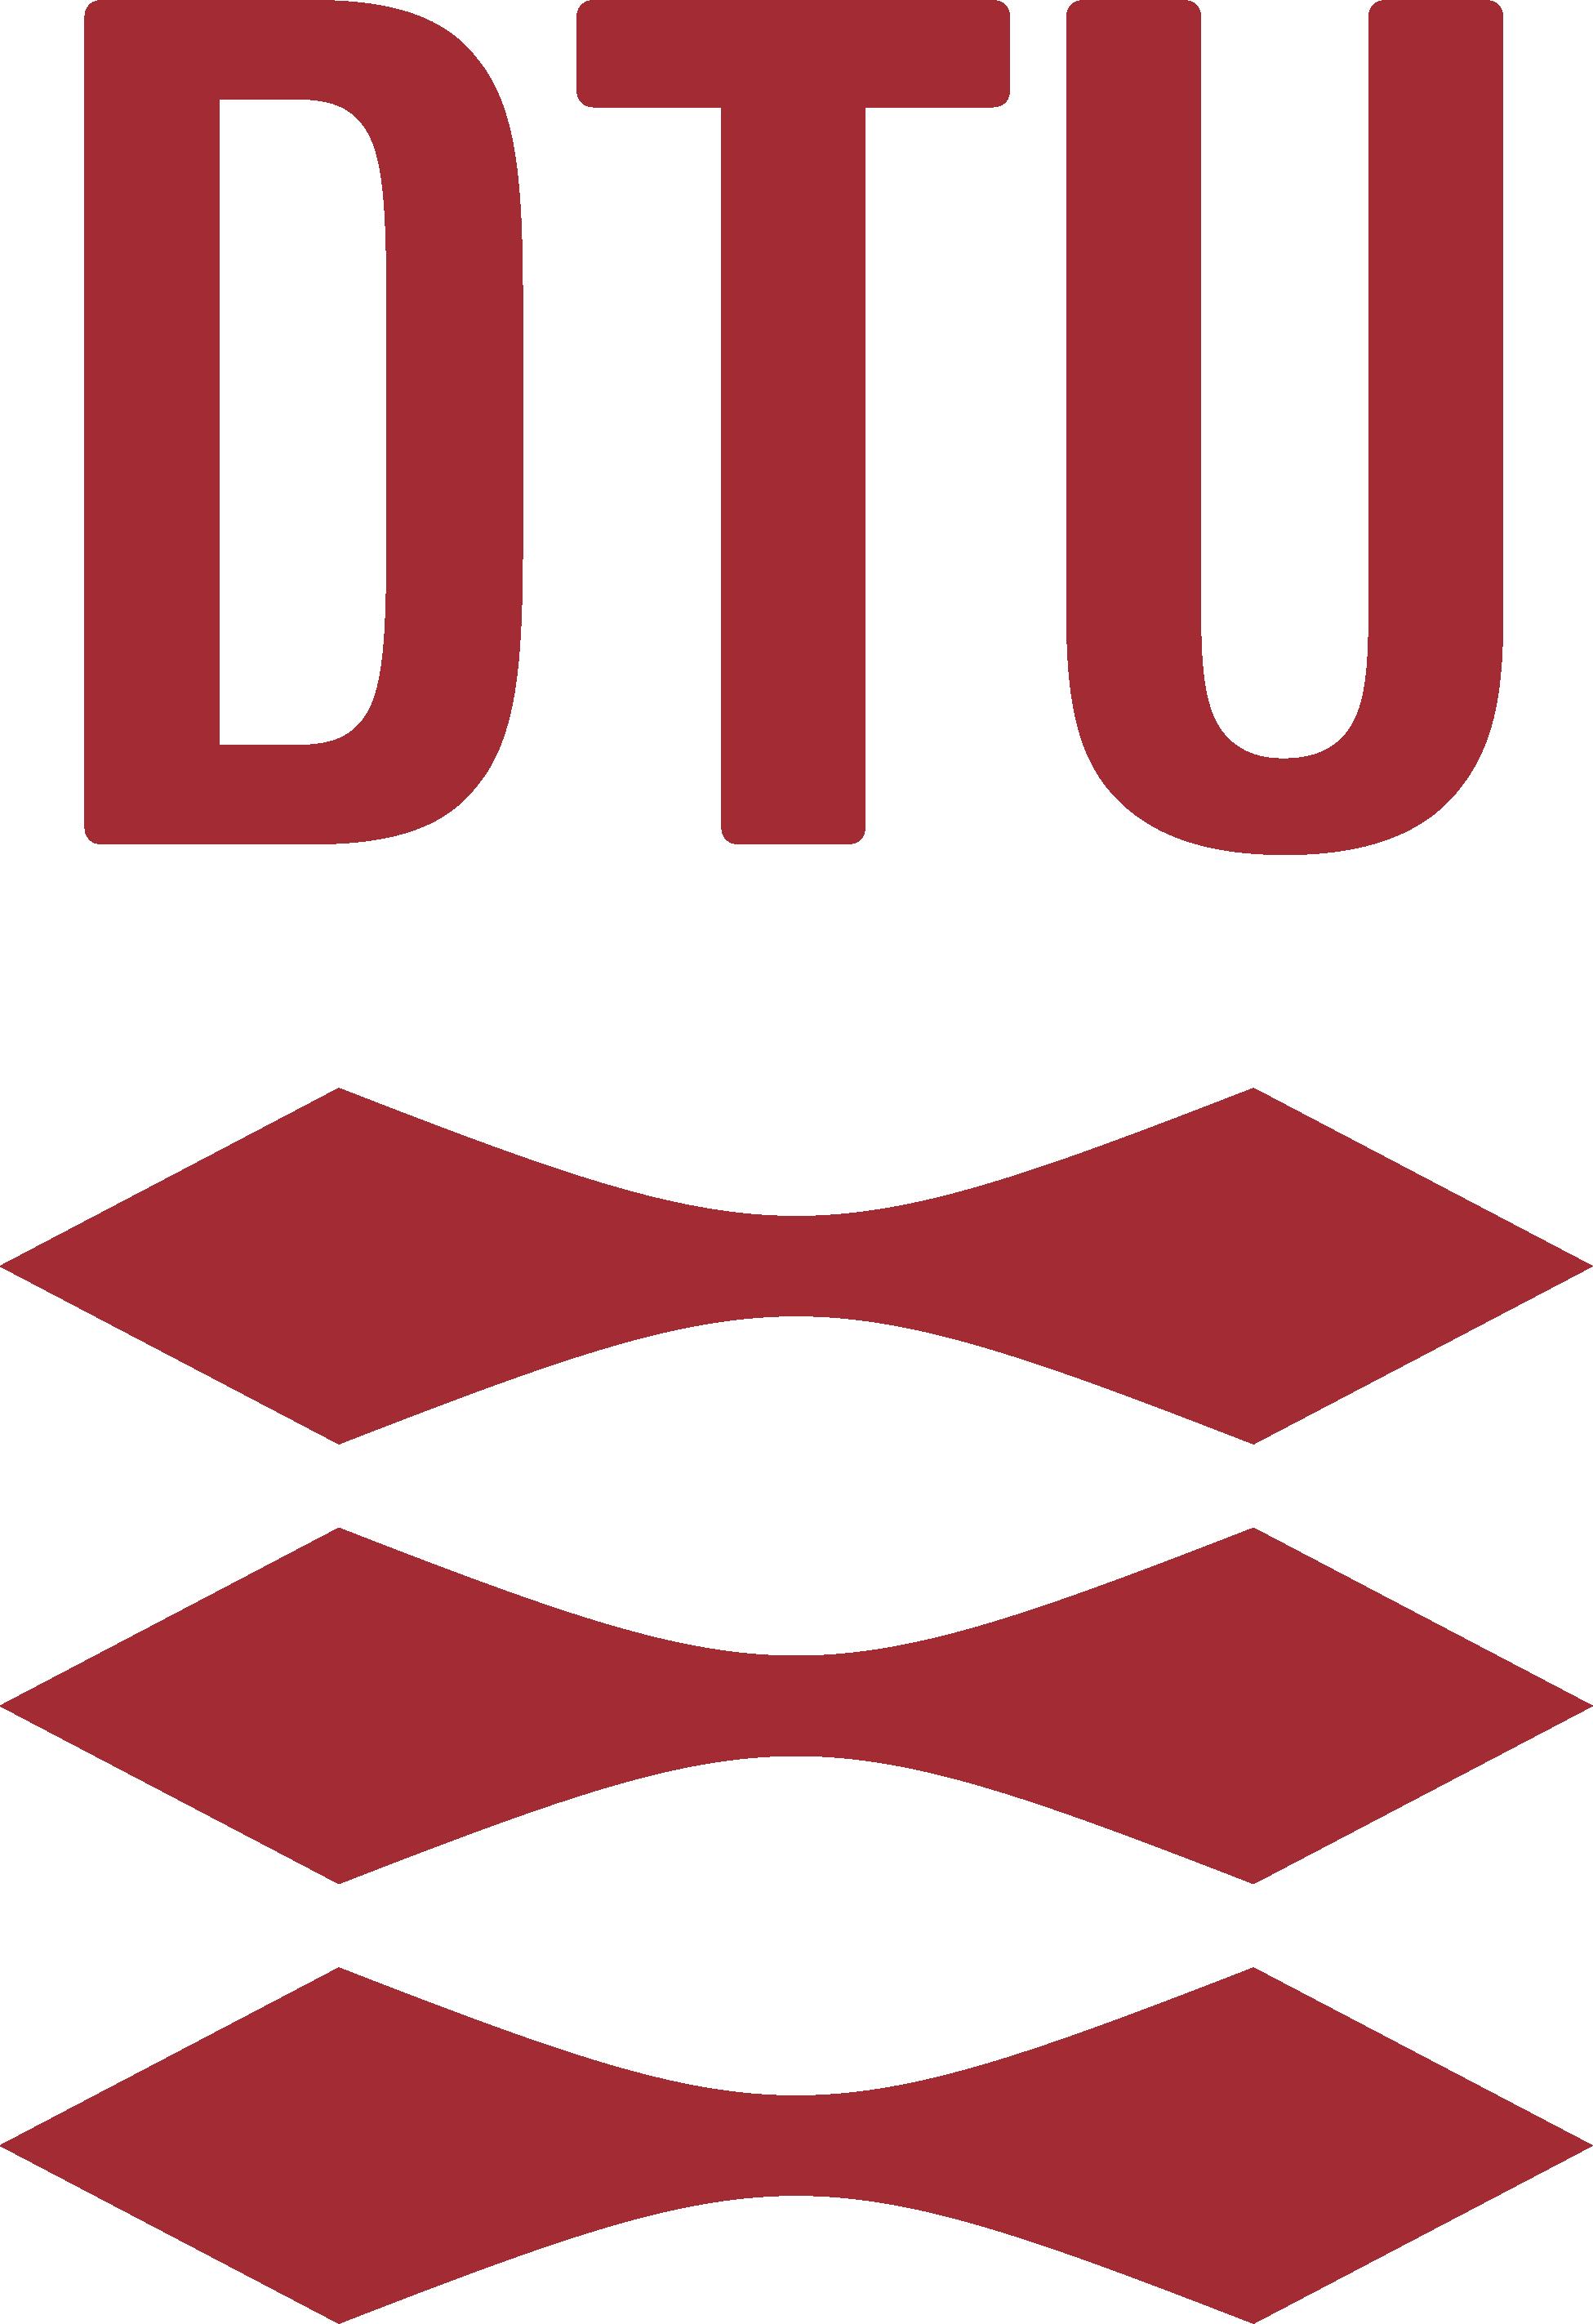 DTU CORP RED